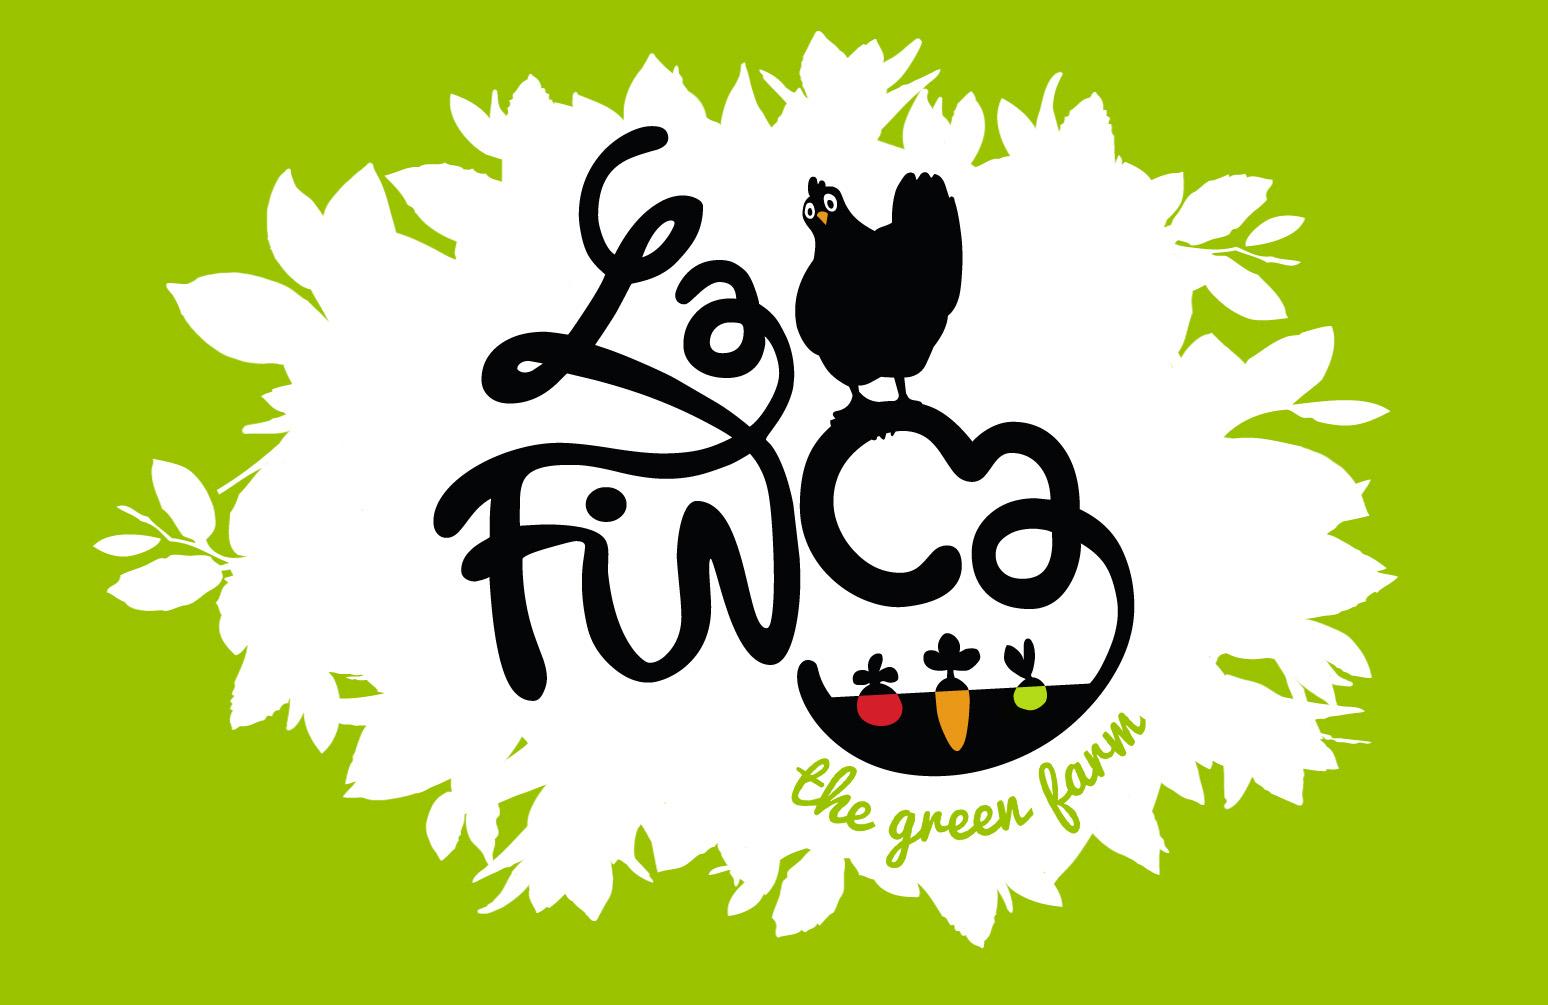 La_Finca-1504615149.jpg